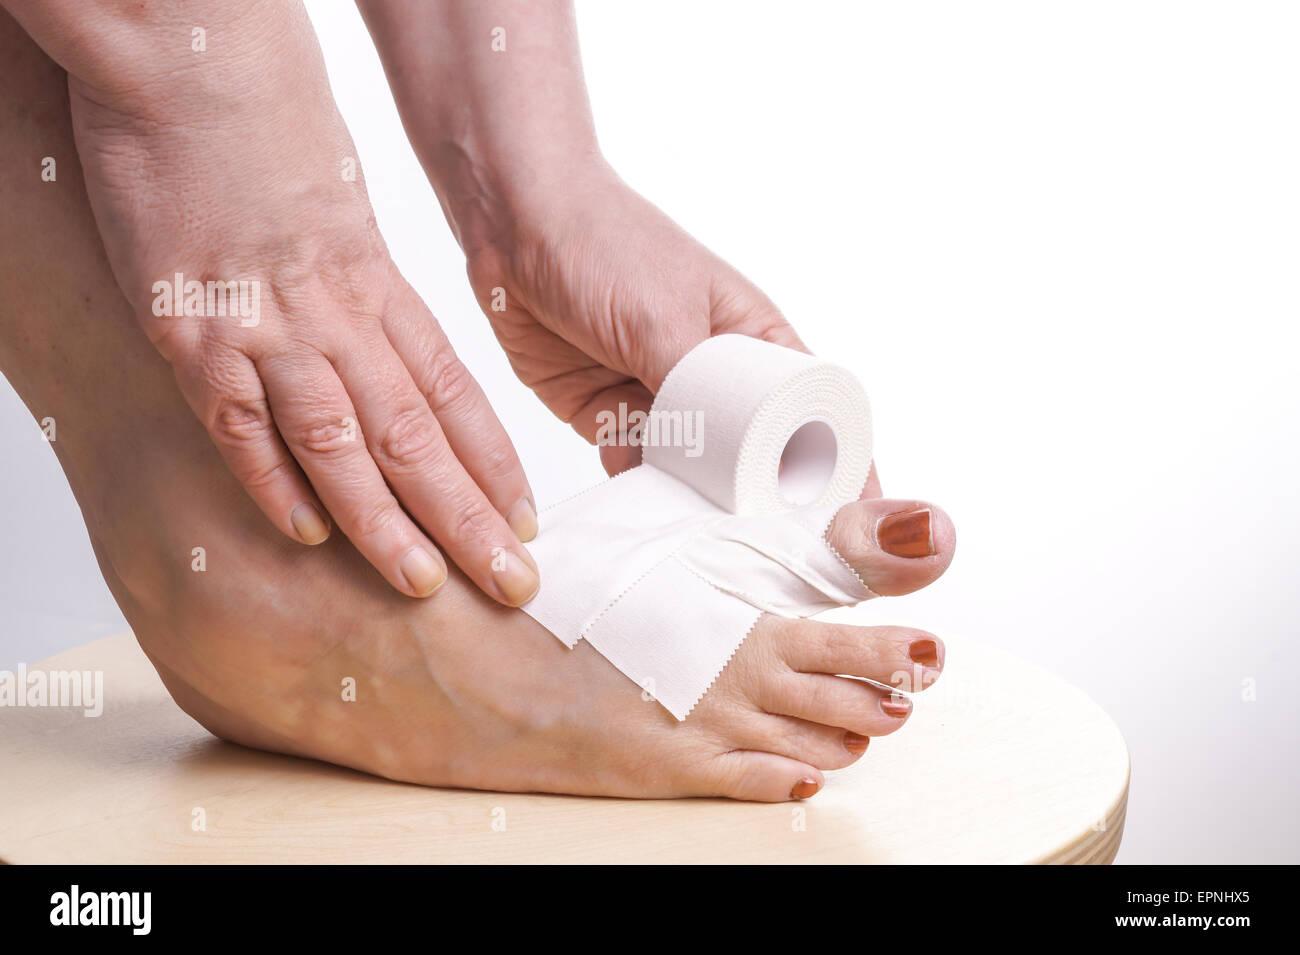 6cc61539c9d Matériel roulant mains auto-adhésif thérapeutique sur un pied avec une  blessure sportive